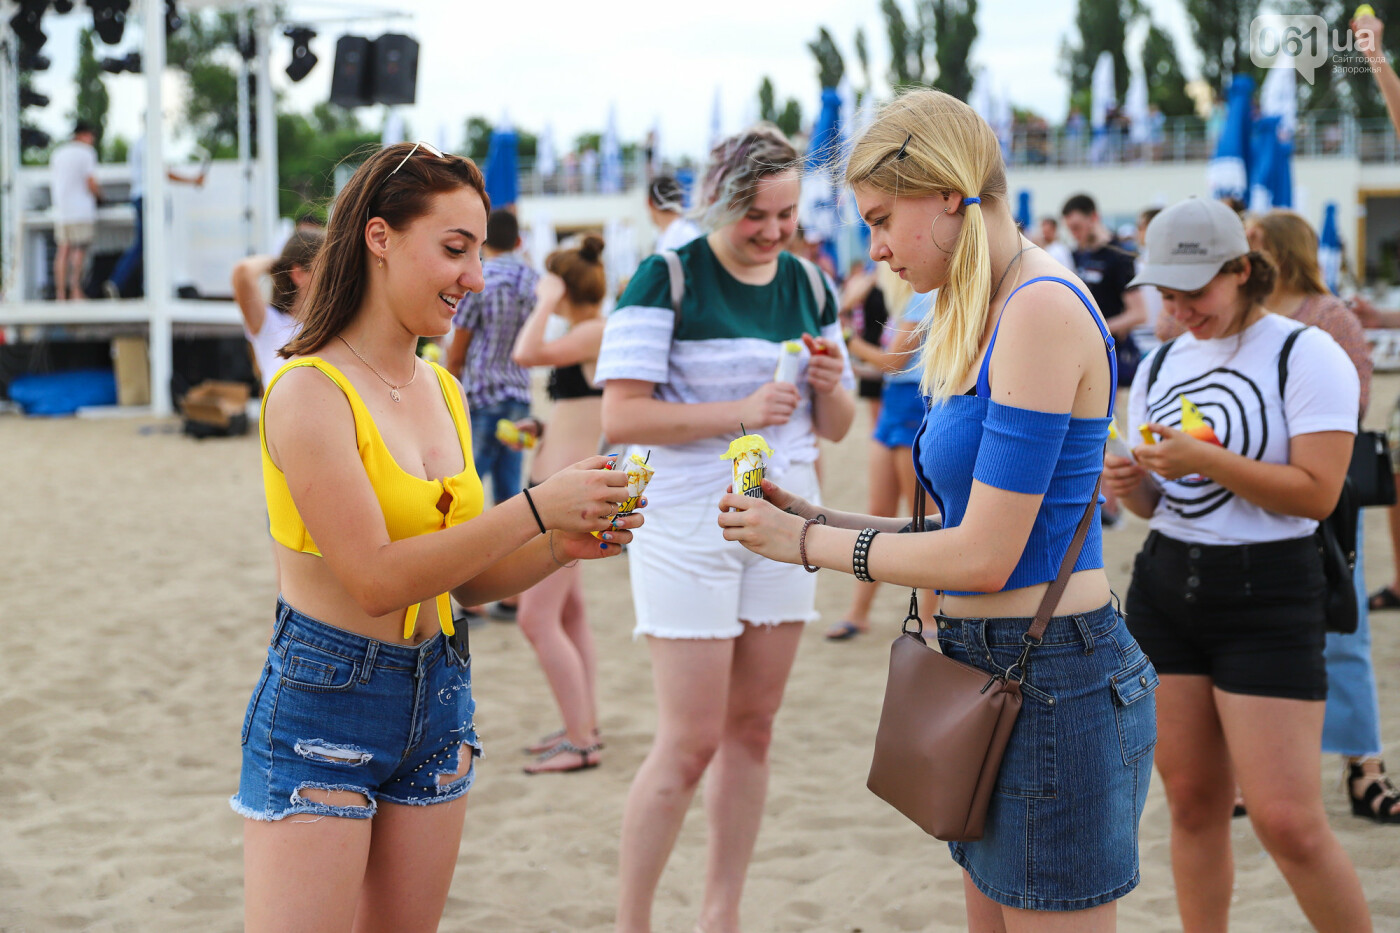 На пляже в Запорожье зажгли желто-синие дымовые шашки и установили рекорд Украины, - ФОТОРЕПОРТАЖ, фото-15